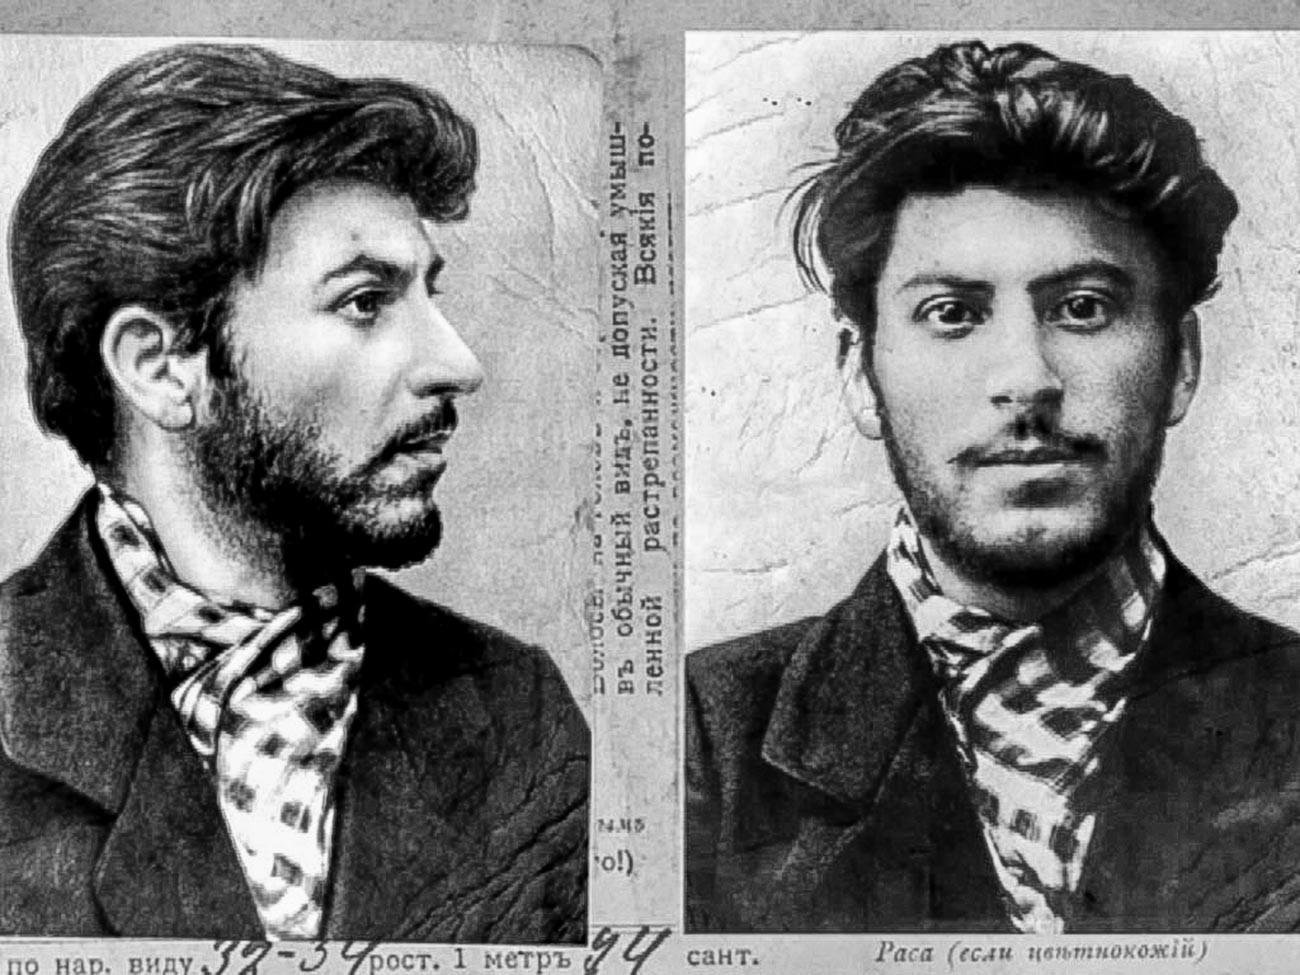 Foto de la Policía, 1902. Stalin tiene 23 años.